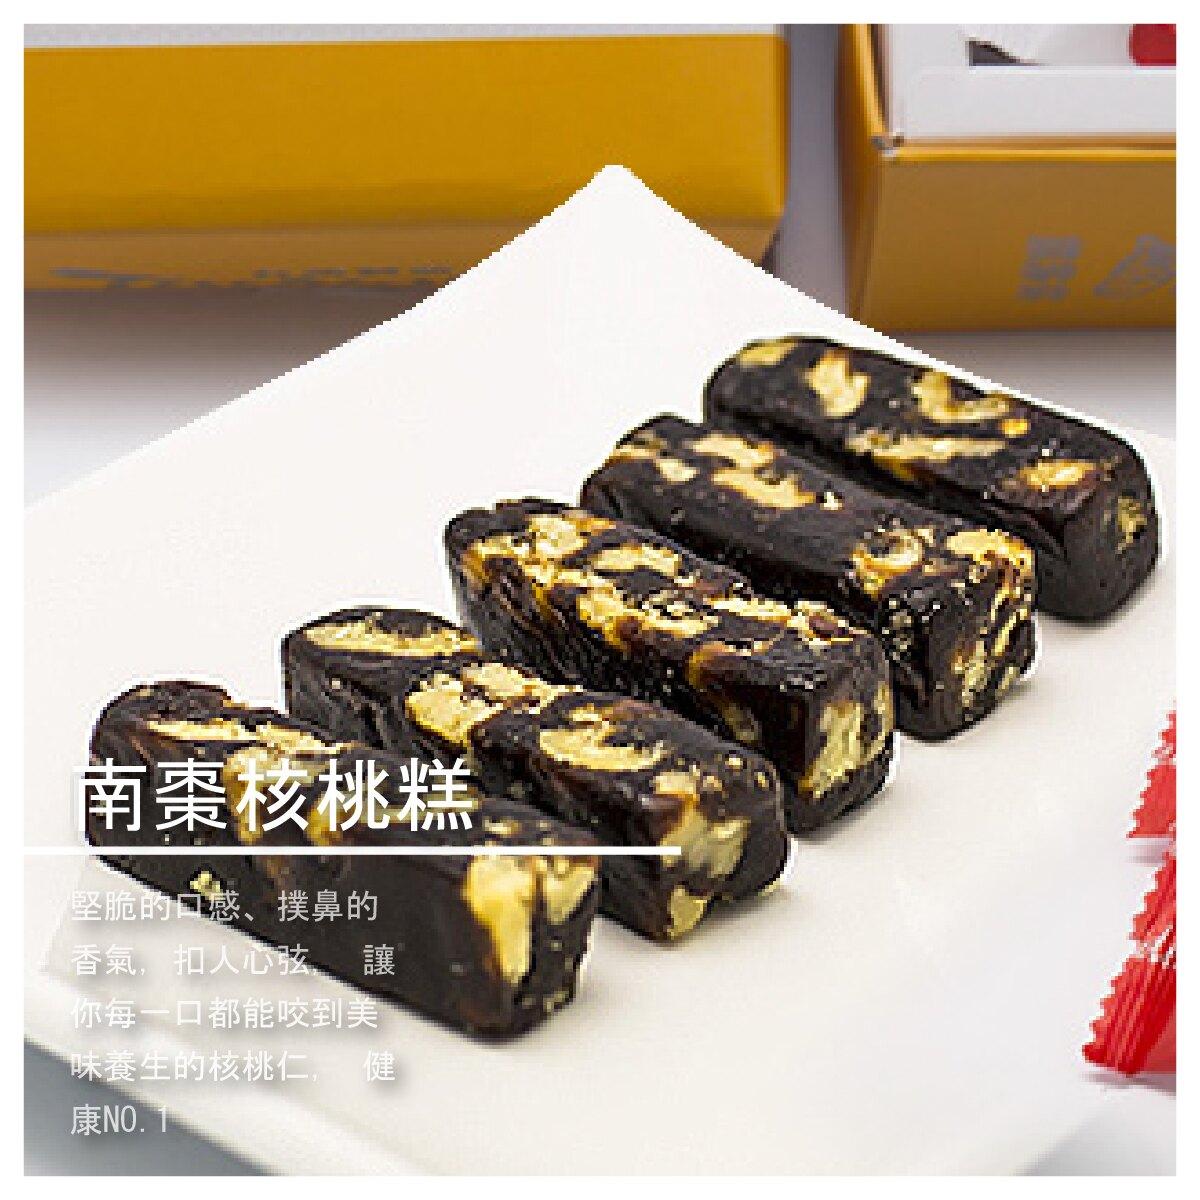 【茶與餅達人】南棗核桃糕 200g/盒